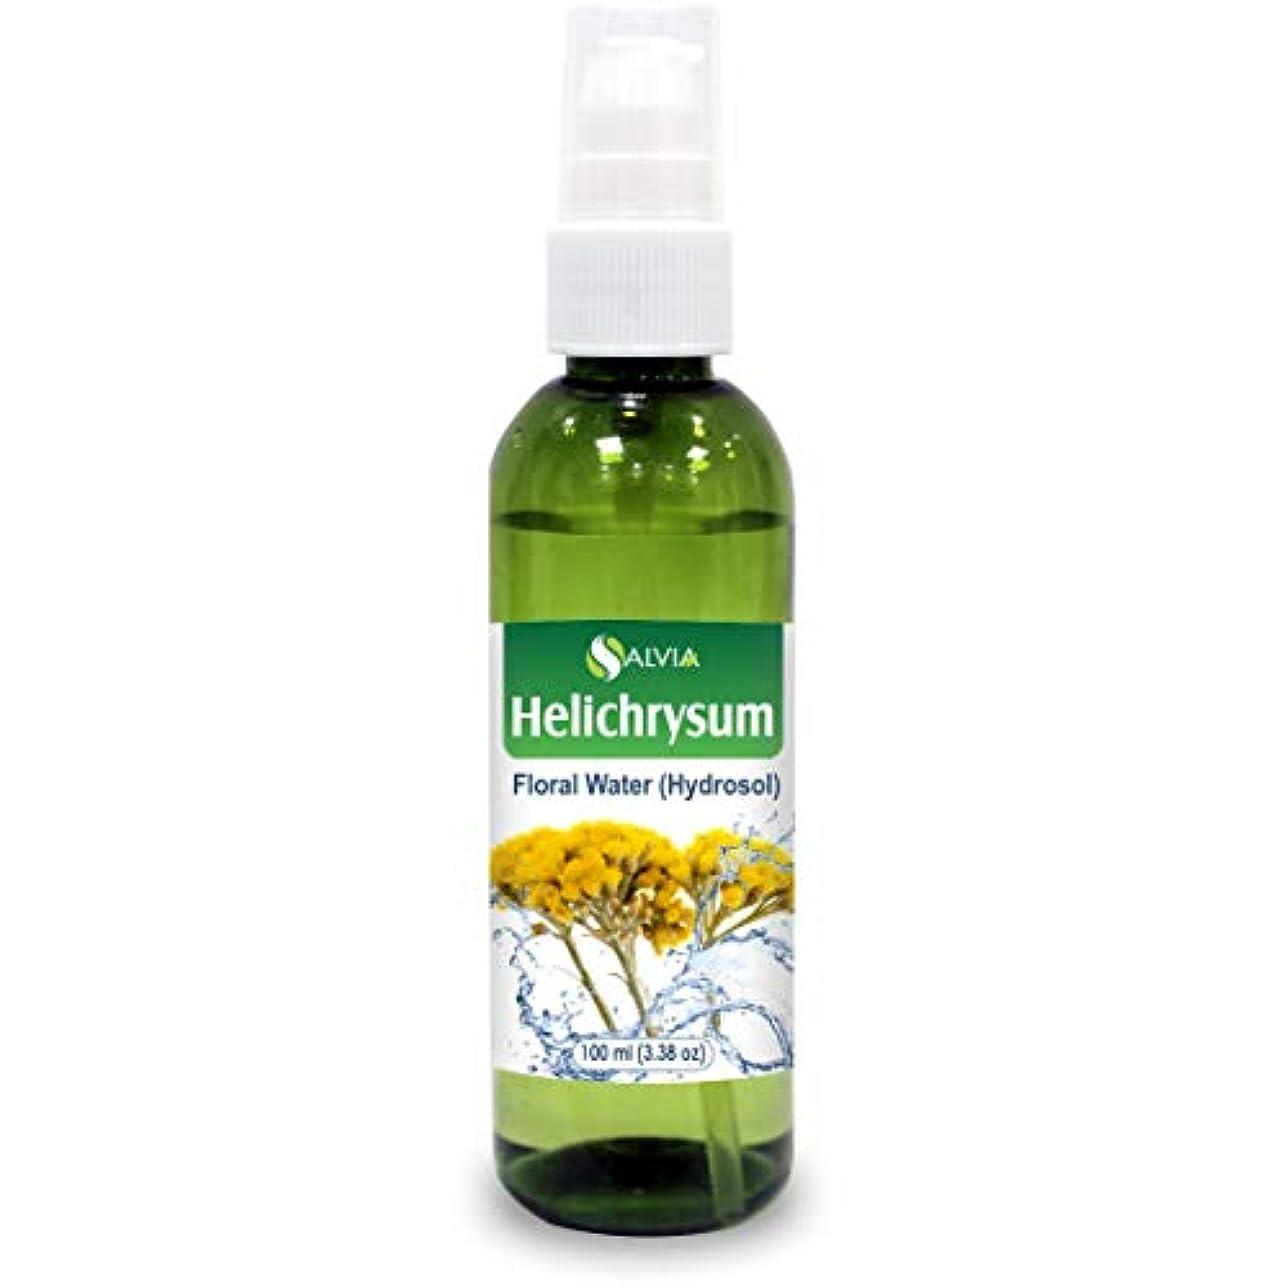 同等の奨励します他のバンドでHelichrysum Floral Water 100ml (Hydrosol) 100% Pure And Natural